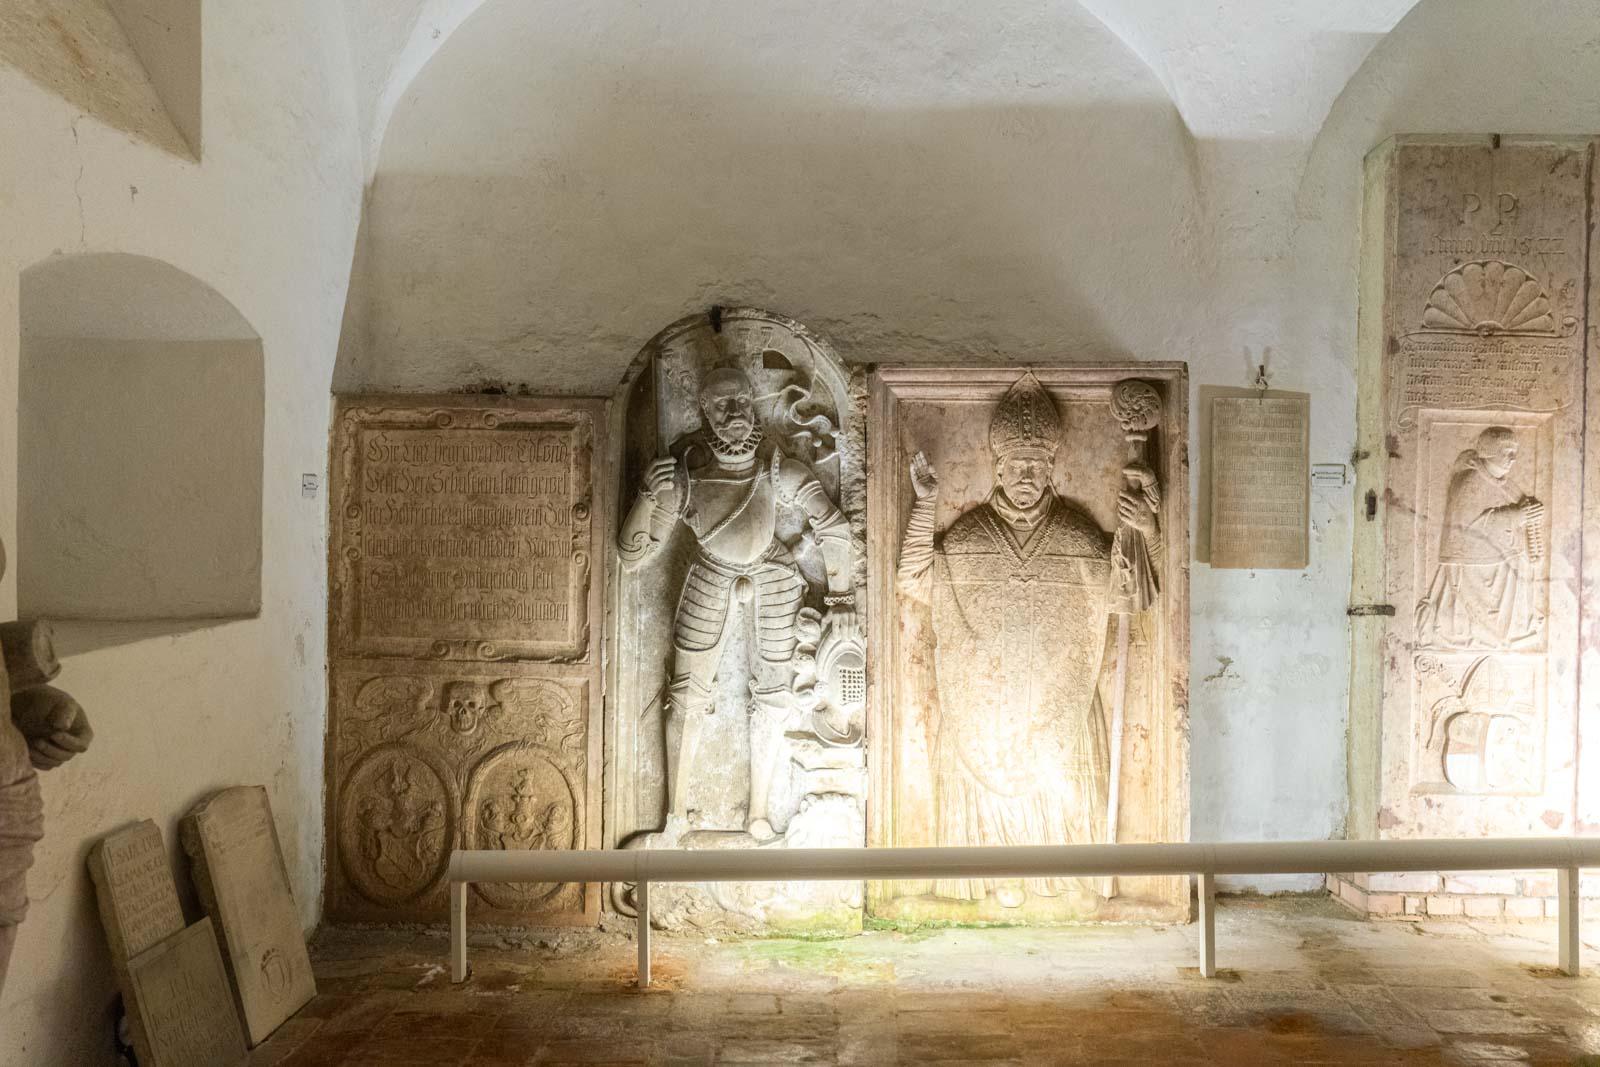 St Florian Monastery Crypt, Austria